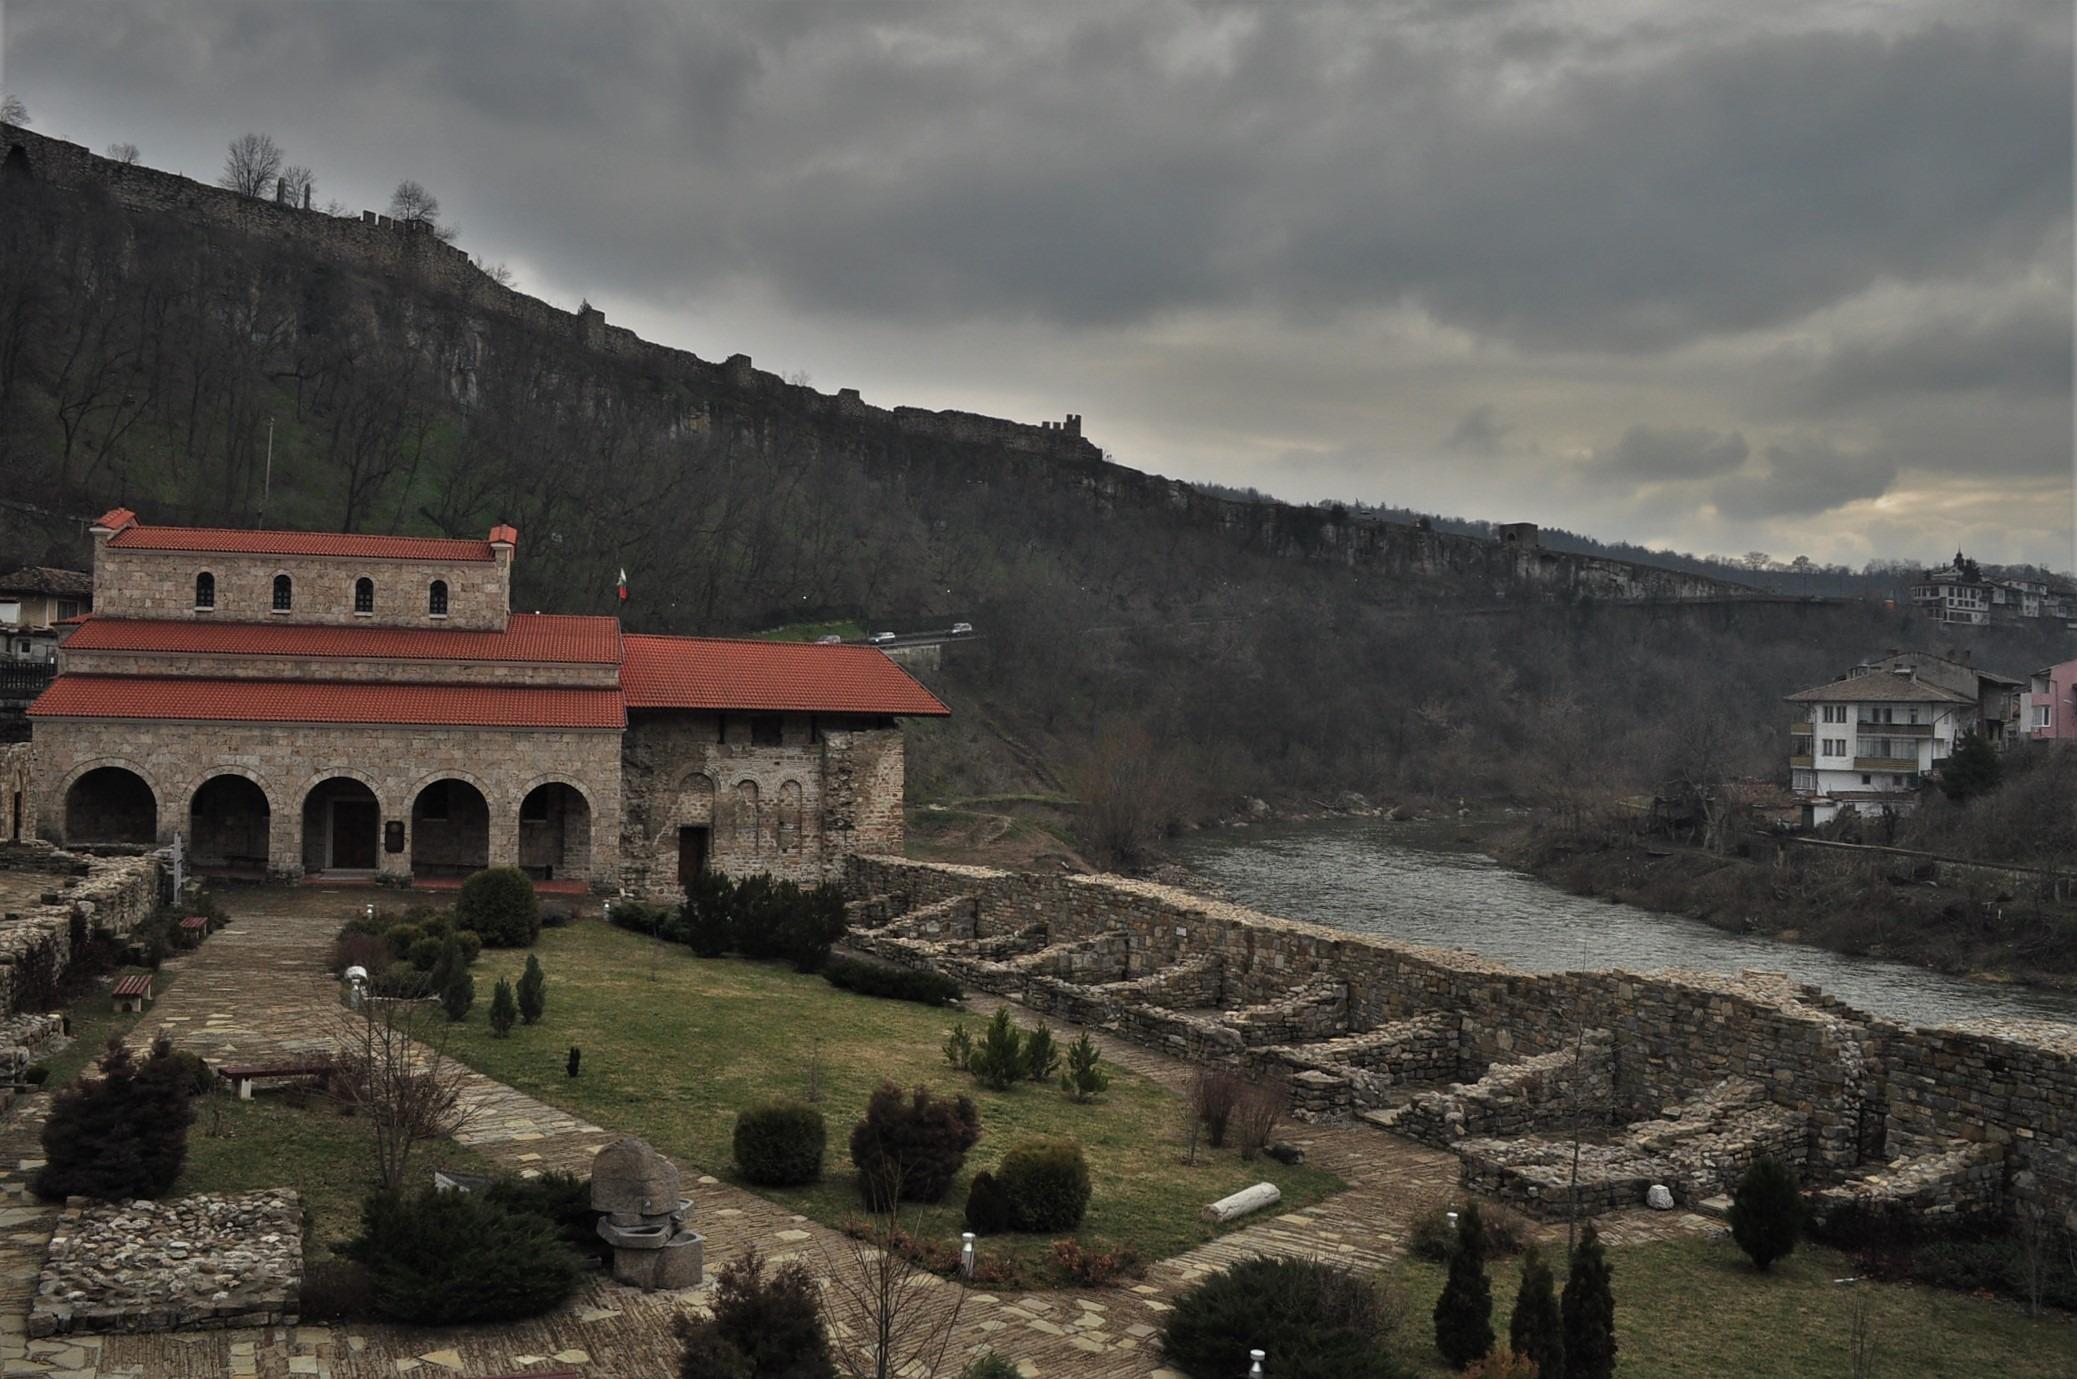 """Църквата """"Св. Четиридесет мъченици"""" е построена от цар Иван Асен II в чест на голямата му победа в Битката при Клокотница на 9 март 1230. А на 22 септември 1908 г. тук  е обявена  независимостта на България"""